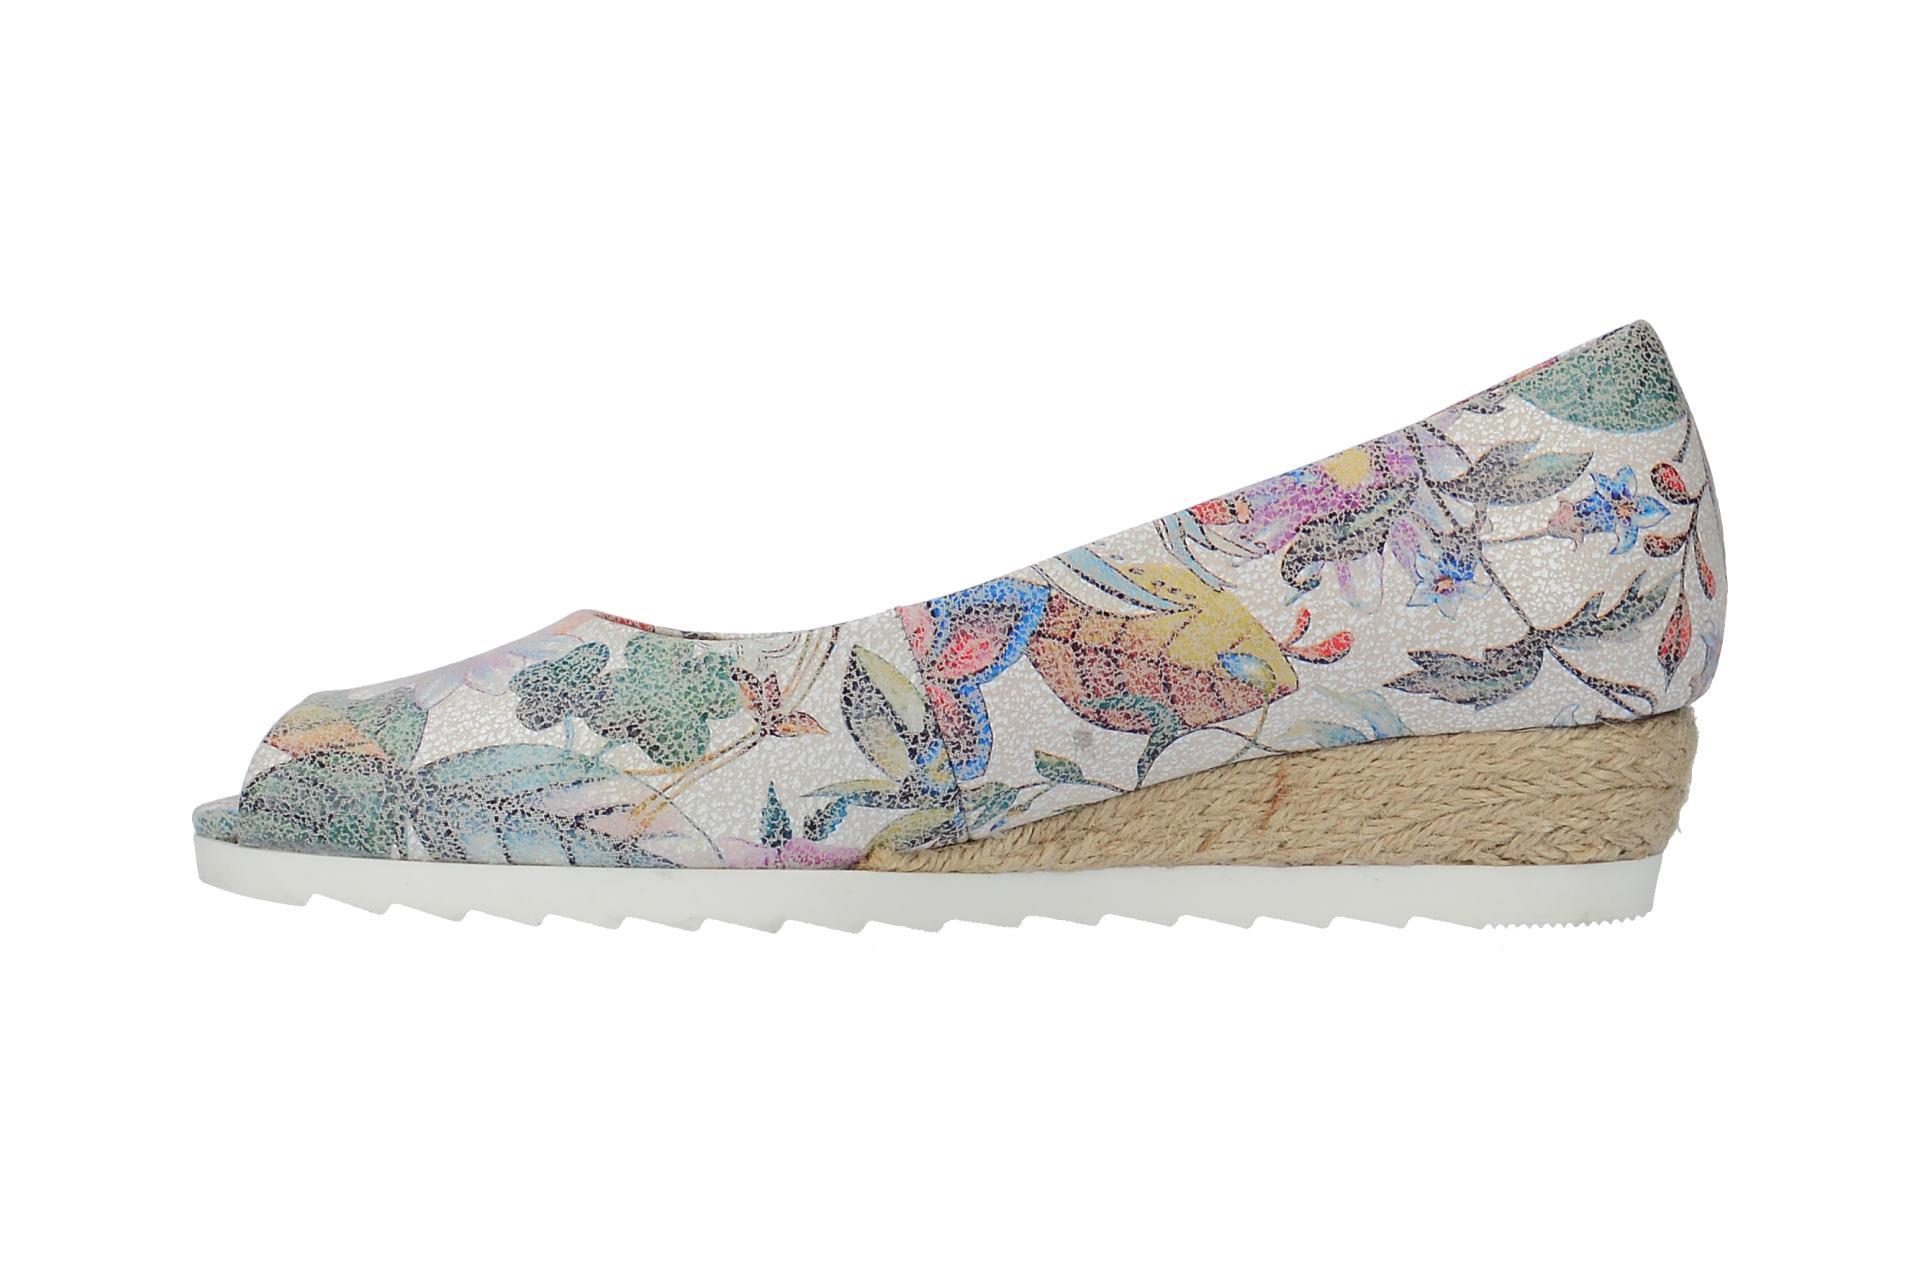 475e8f2dc0 Gabor Schuhe GENUA weiß Damenschuhe Pumps 82.630.38 NEU | eBay